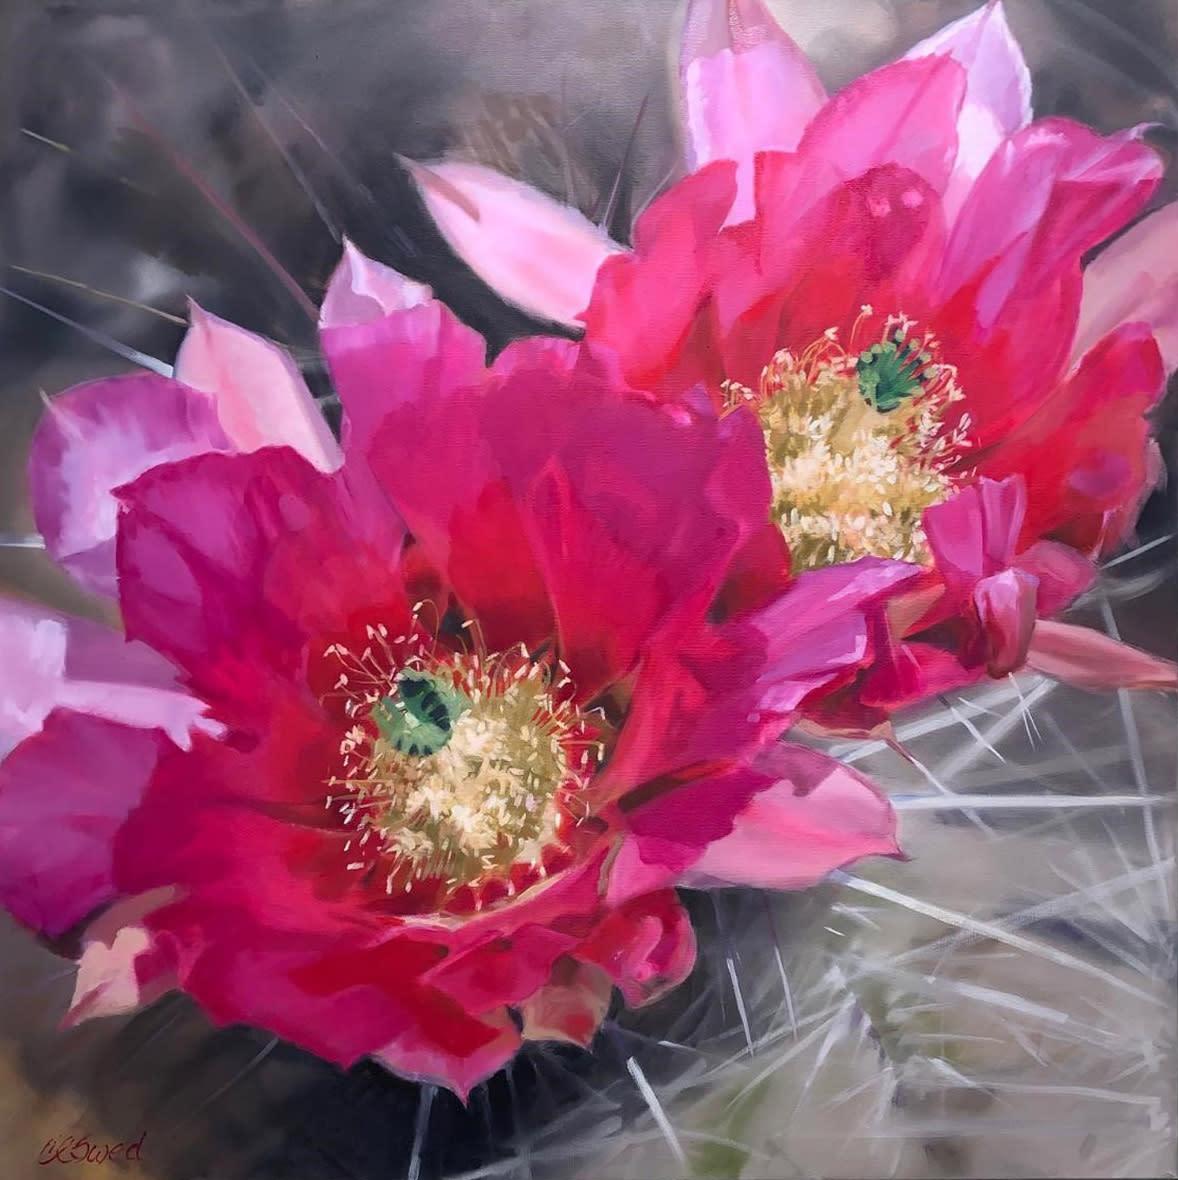 Hedgehog in bloom carol swed yebayx